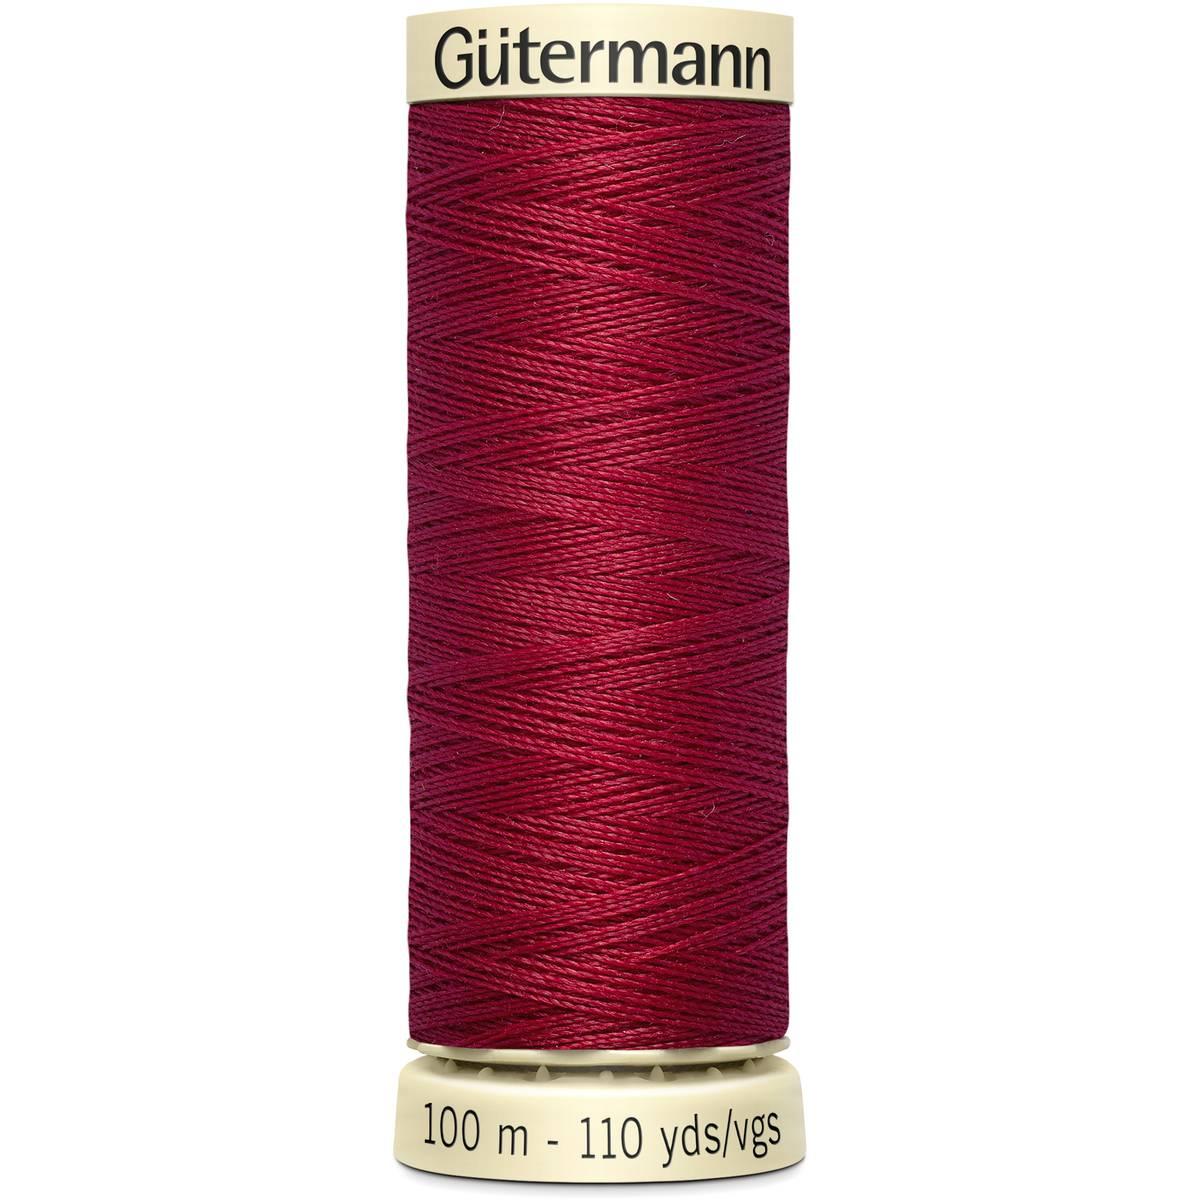 חוט תפירה גוטרמן - Red 384